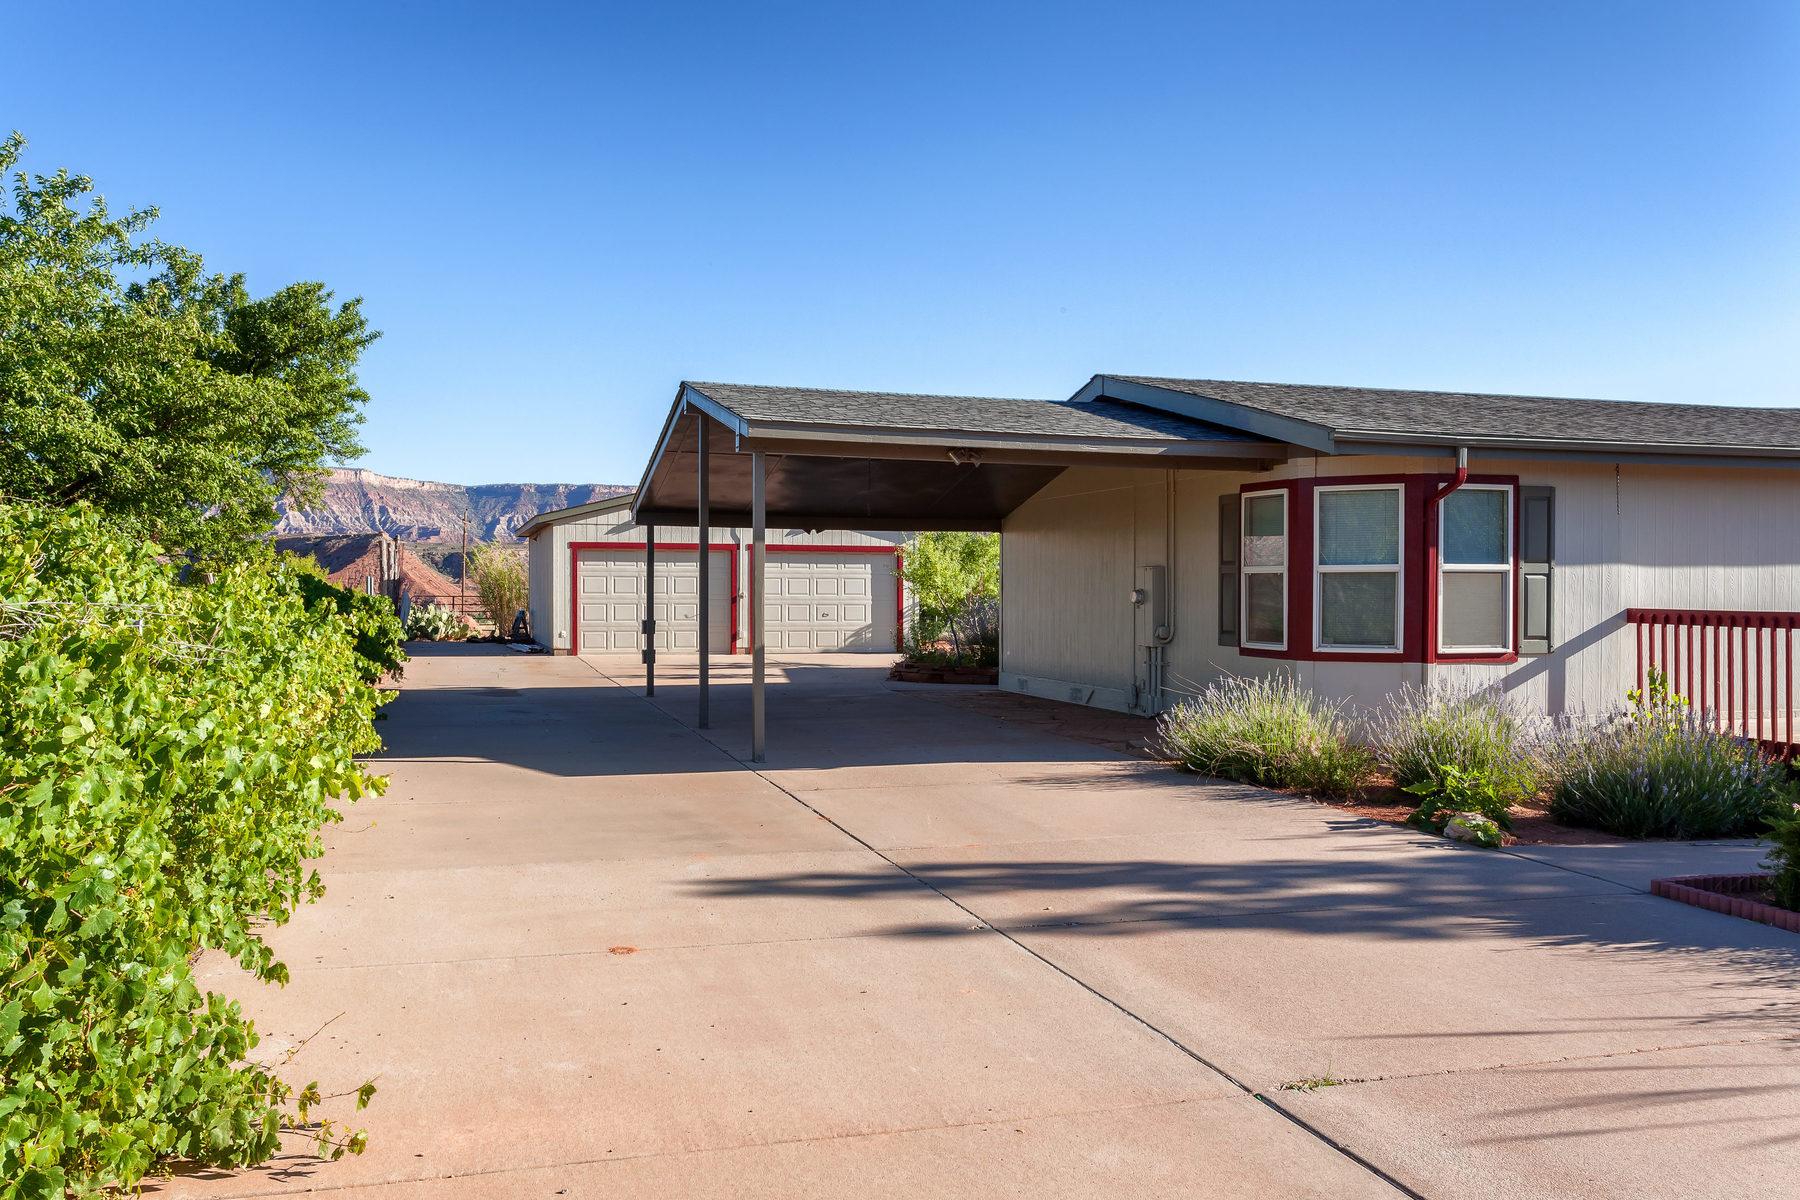 pour l Vente à Virgin, UT Home with Zion Views! 285 West 225 North Virgin, Utah 84779 États-Unis